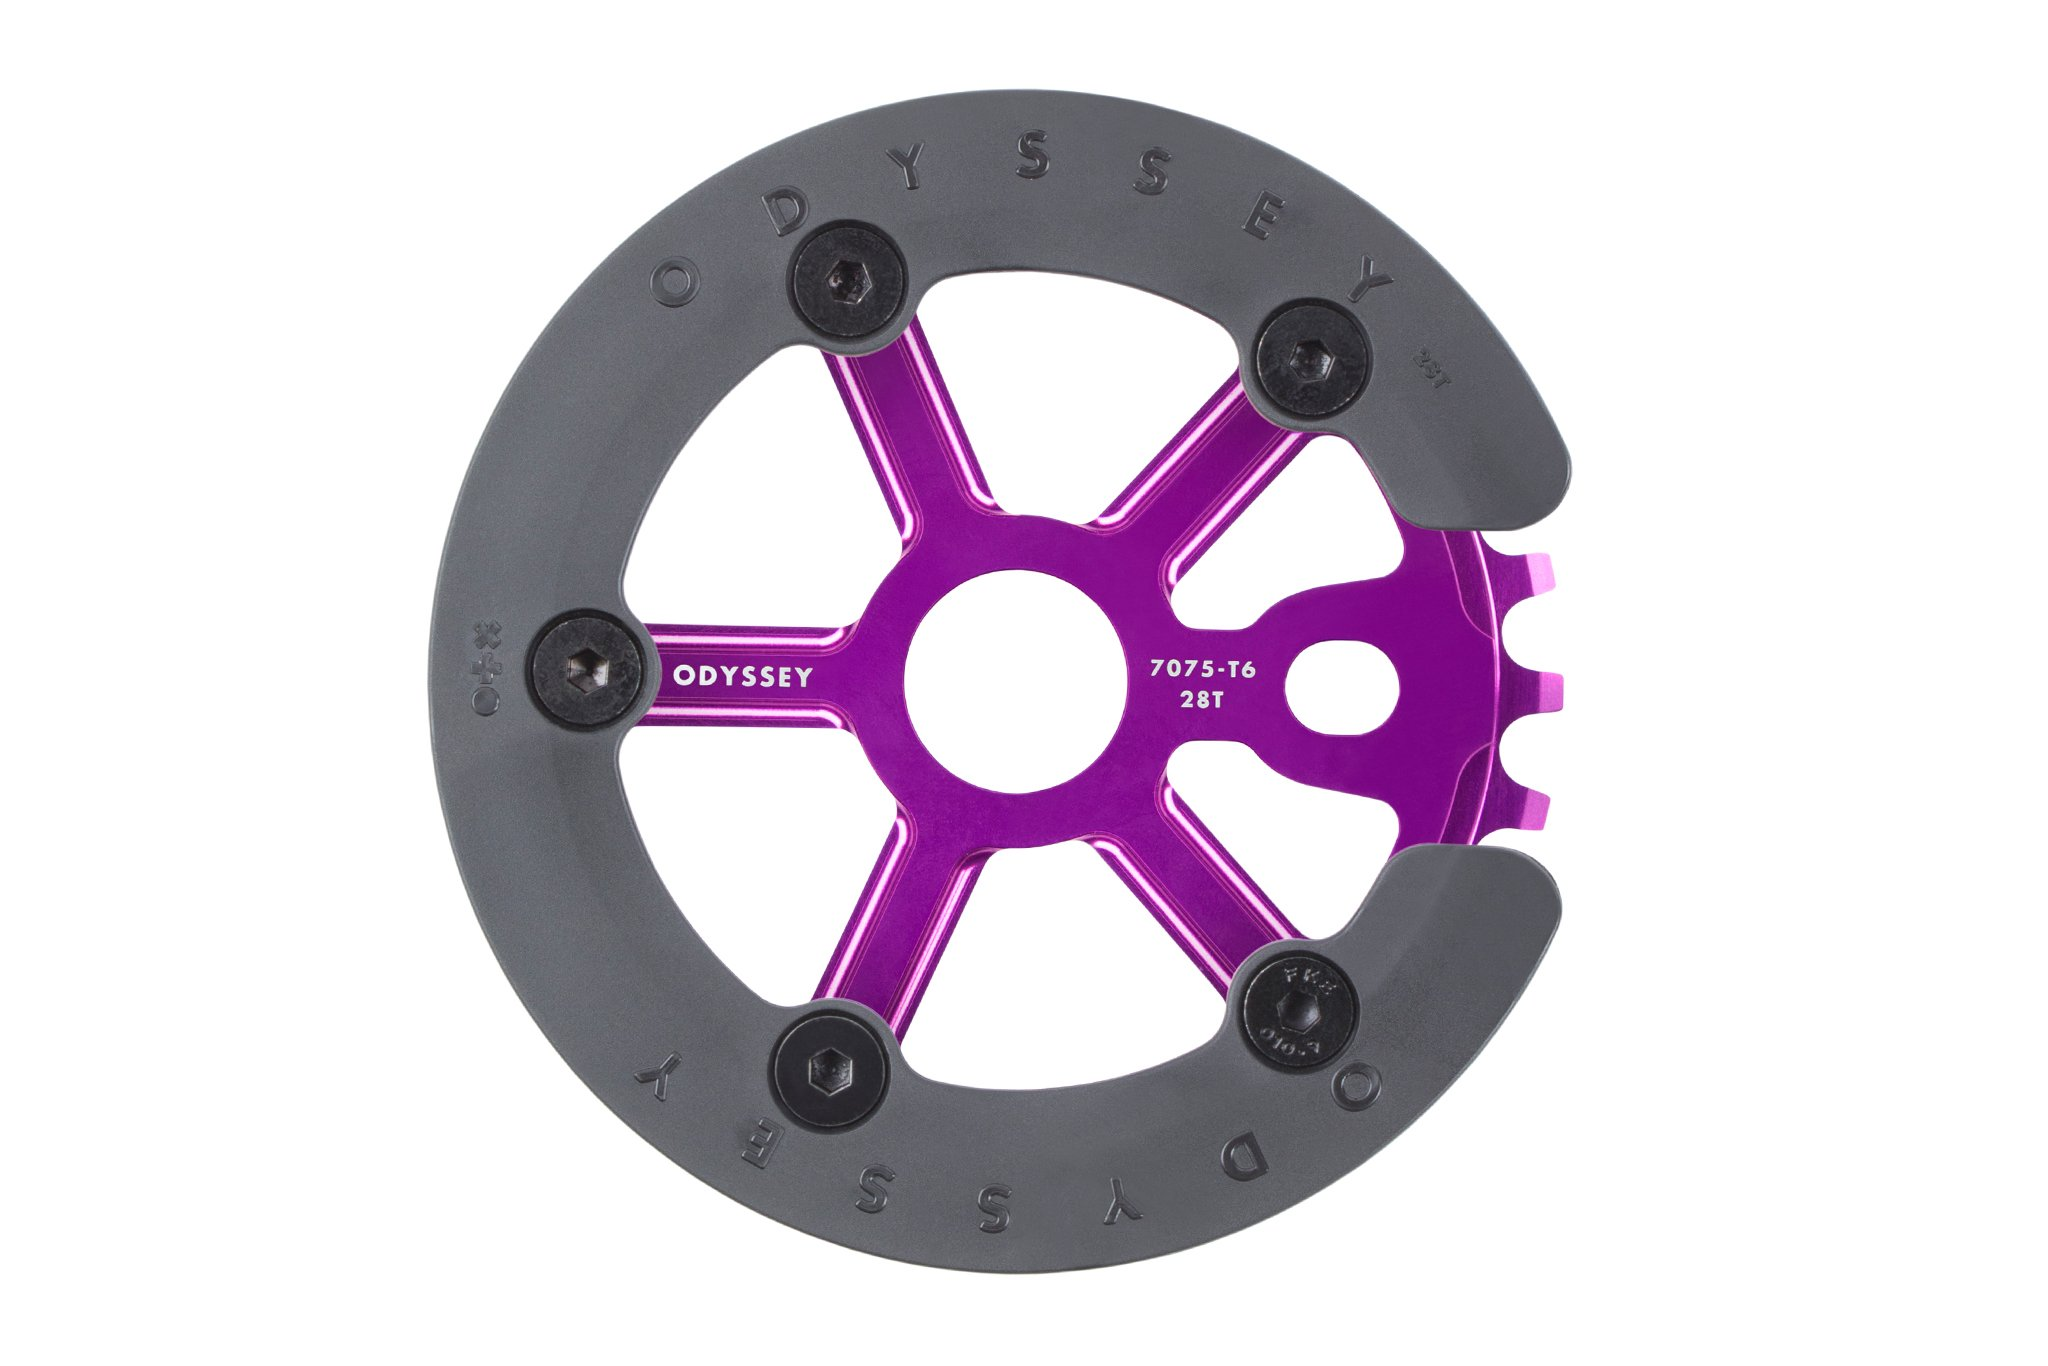 Das neue Odyssey BMX Utility Pro Sprocket in Anodized Purple mit schraubbaren Guard aus Kunststoff ist auch in 28T erhältlich